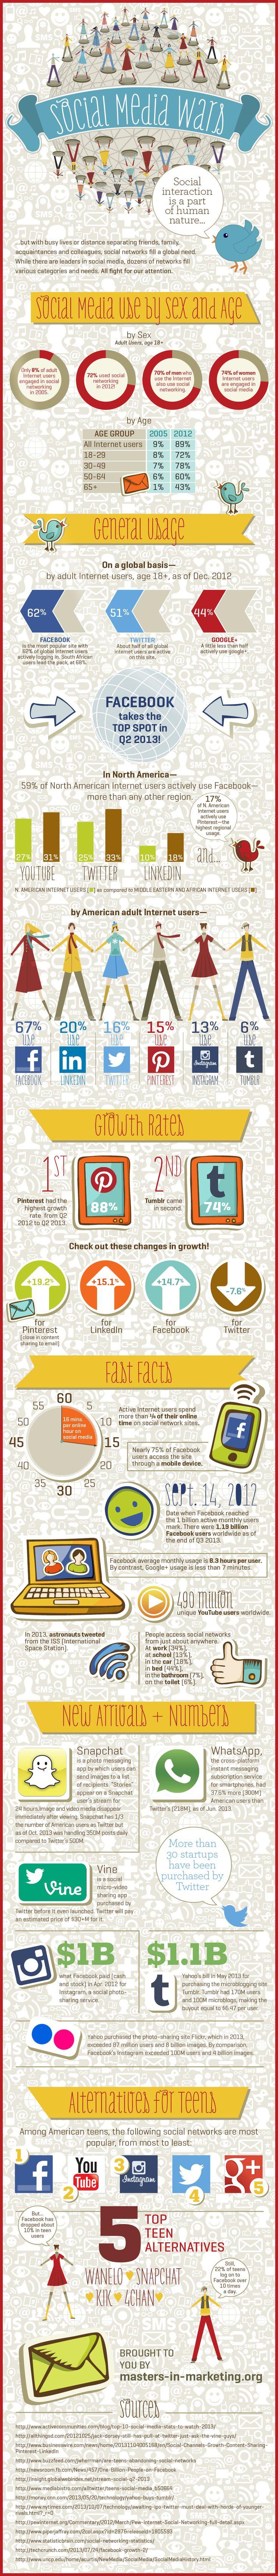 #SocialMedia War